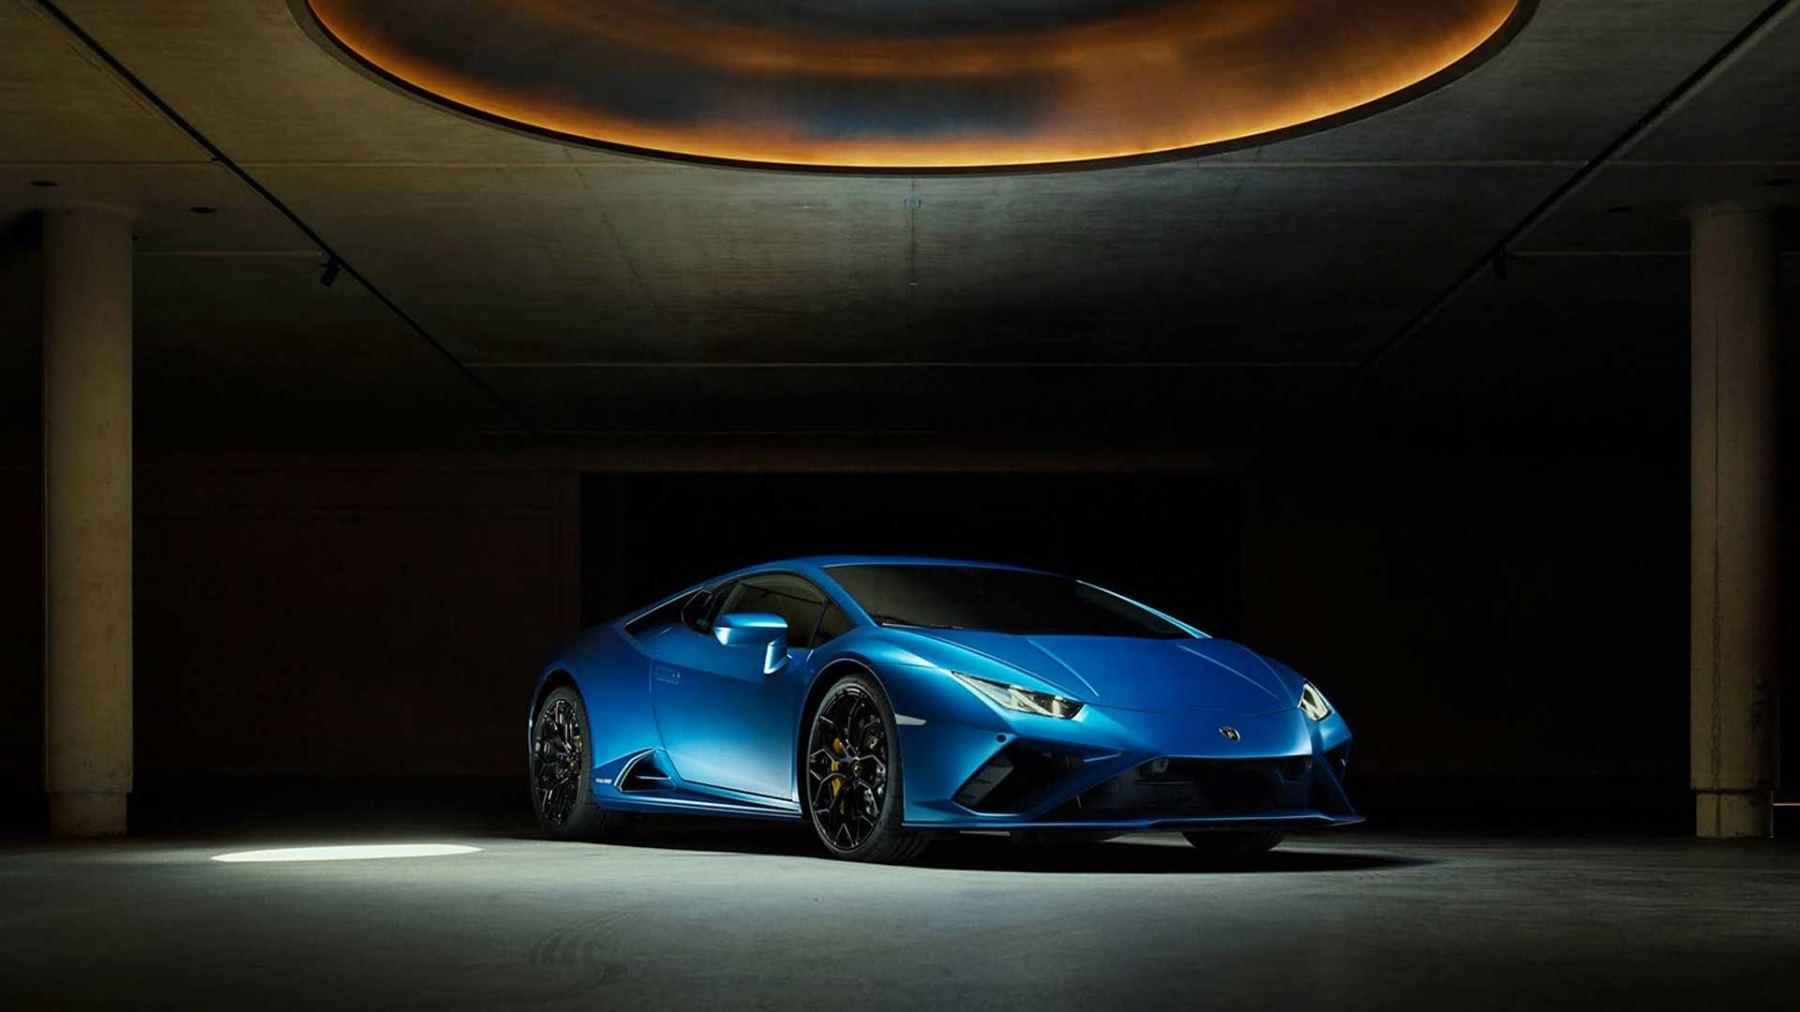 Lamborghini Huracan EVO RWD - Rewind to rear-wheel drive